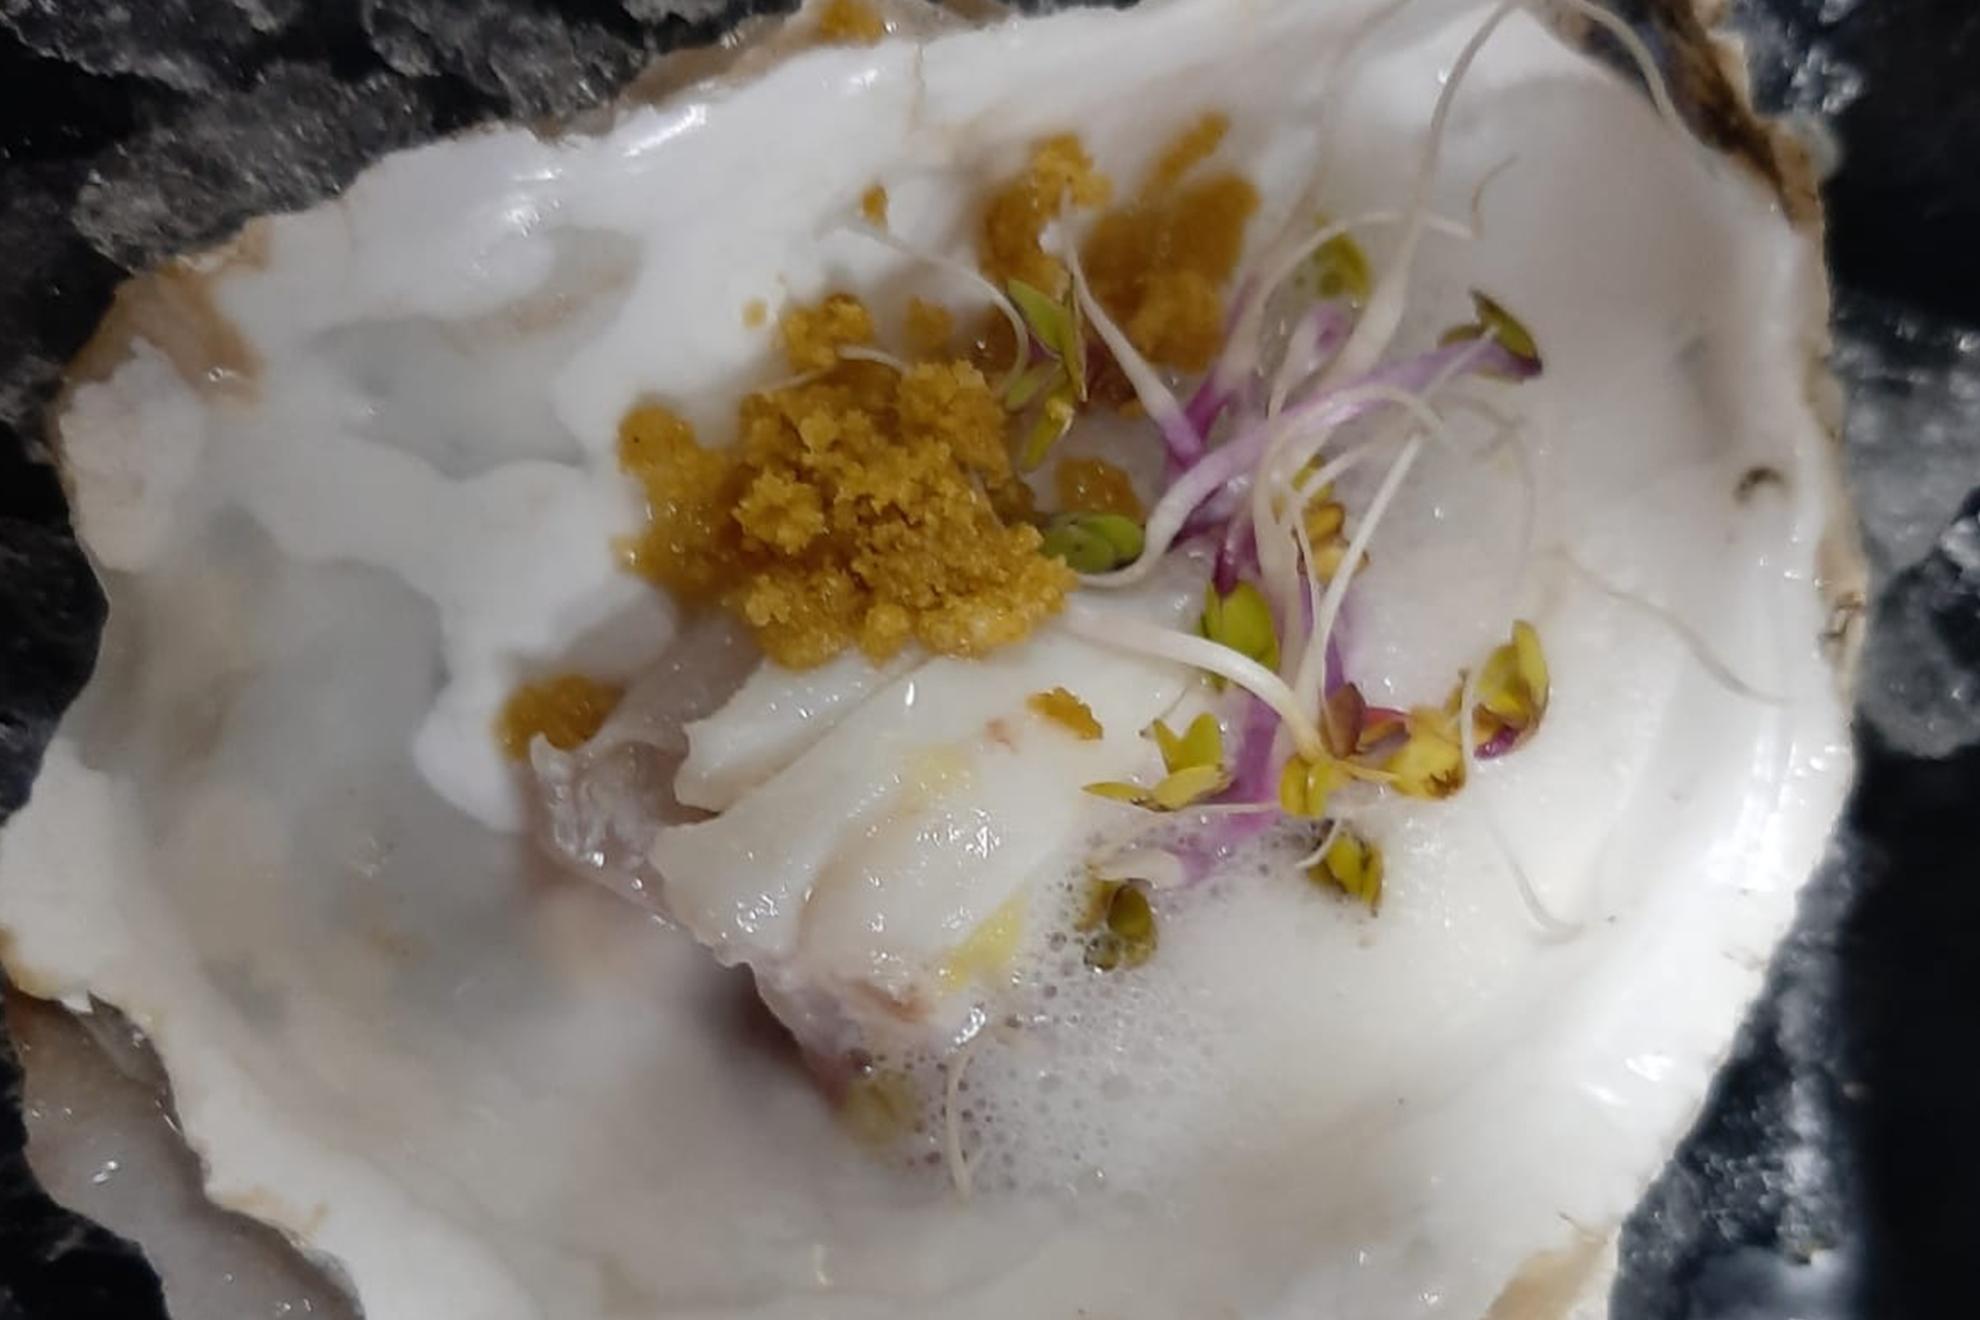 Jornadas Gastronómicas De La Sal y El Estero | Restaurante Los Portales